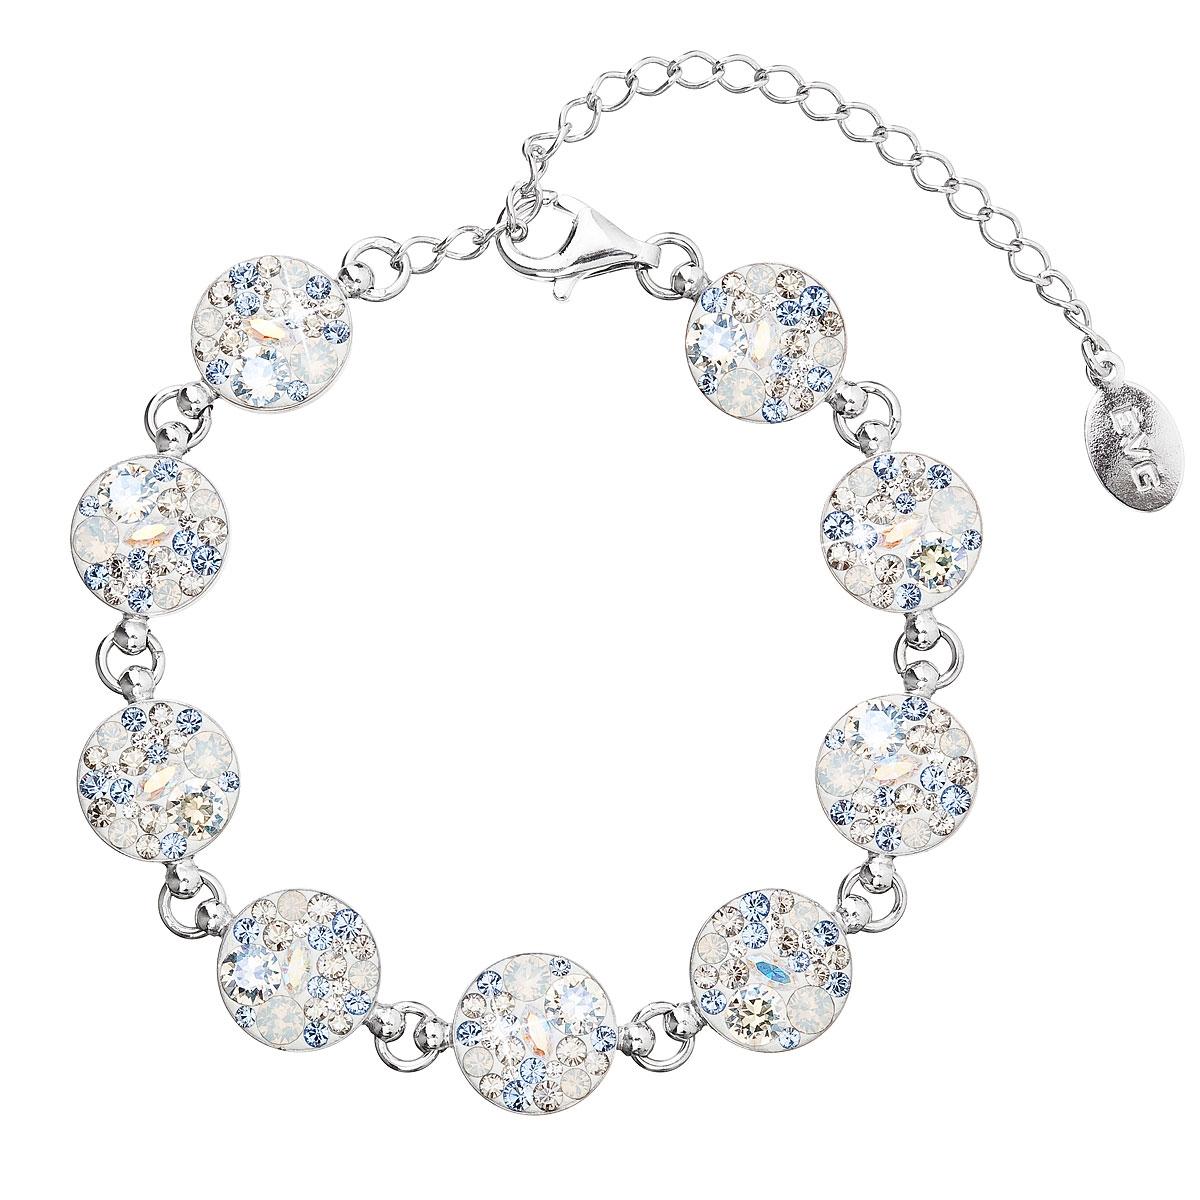 Strieborný náramok s kryštálmi Crystals from Swarovski ® Light Sapphire 3f29def5bbf